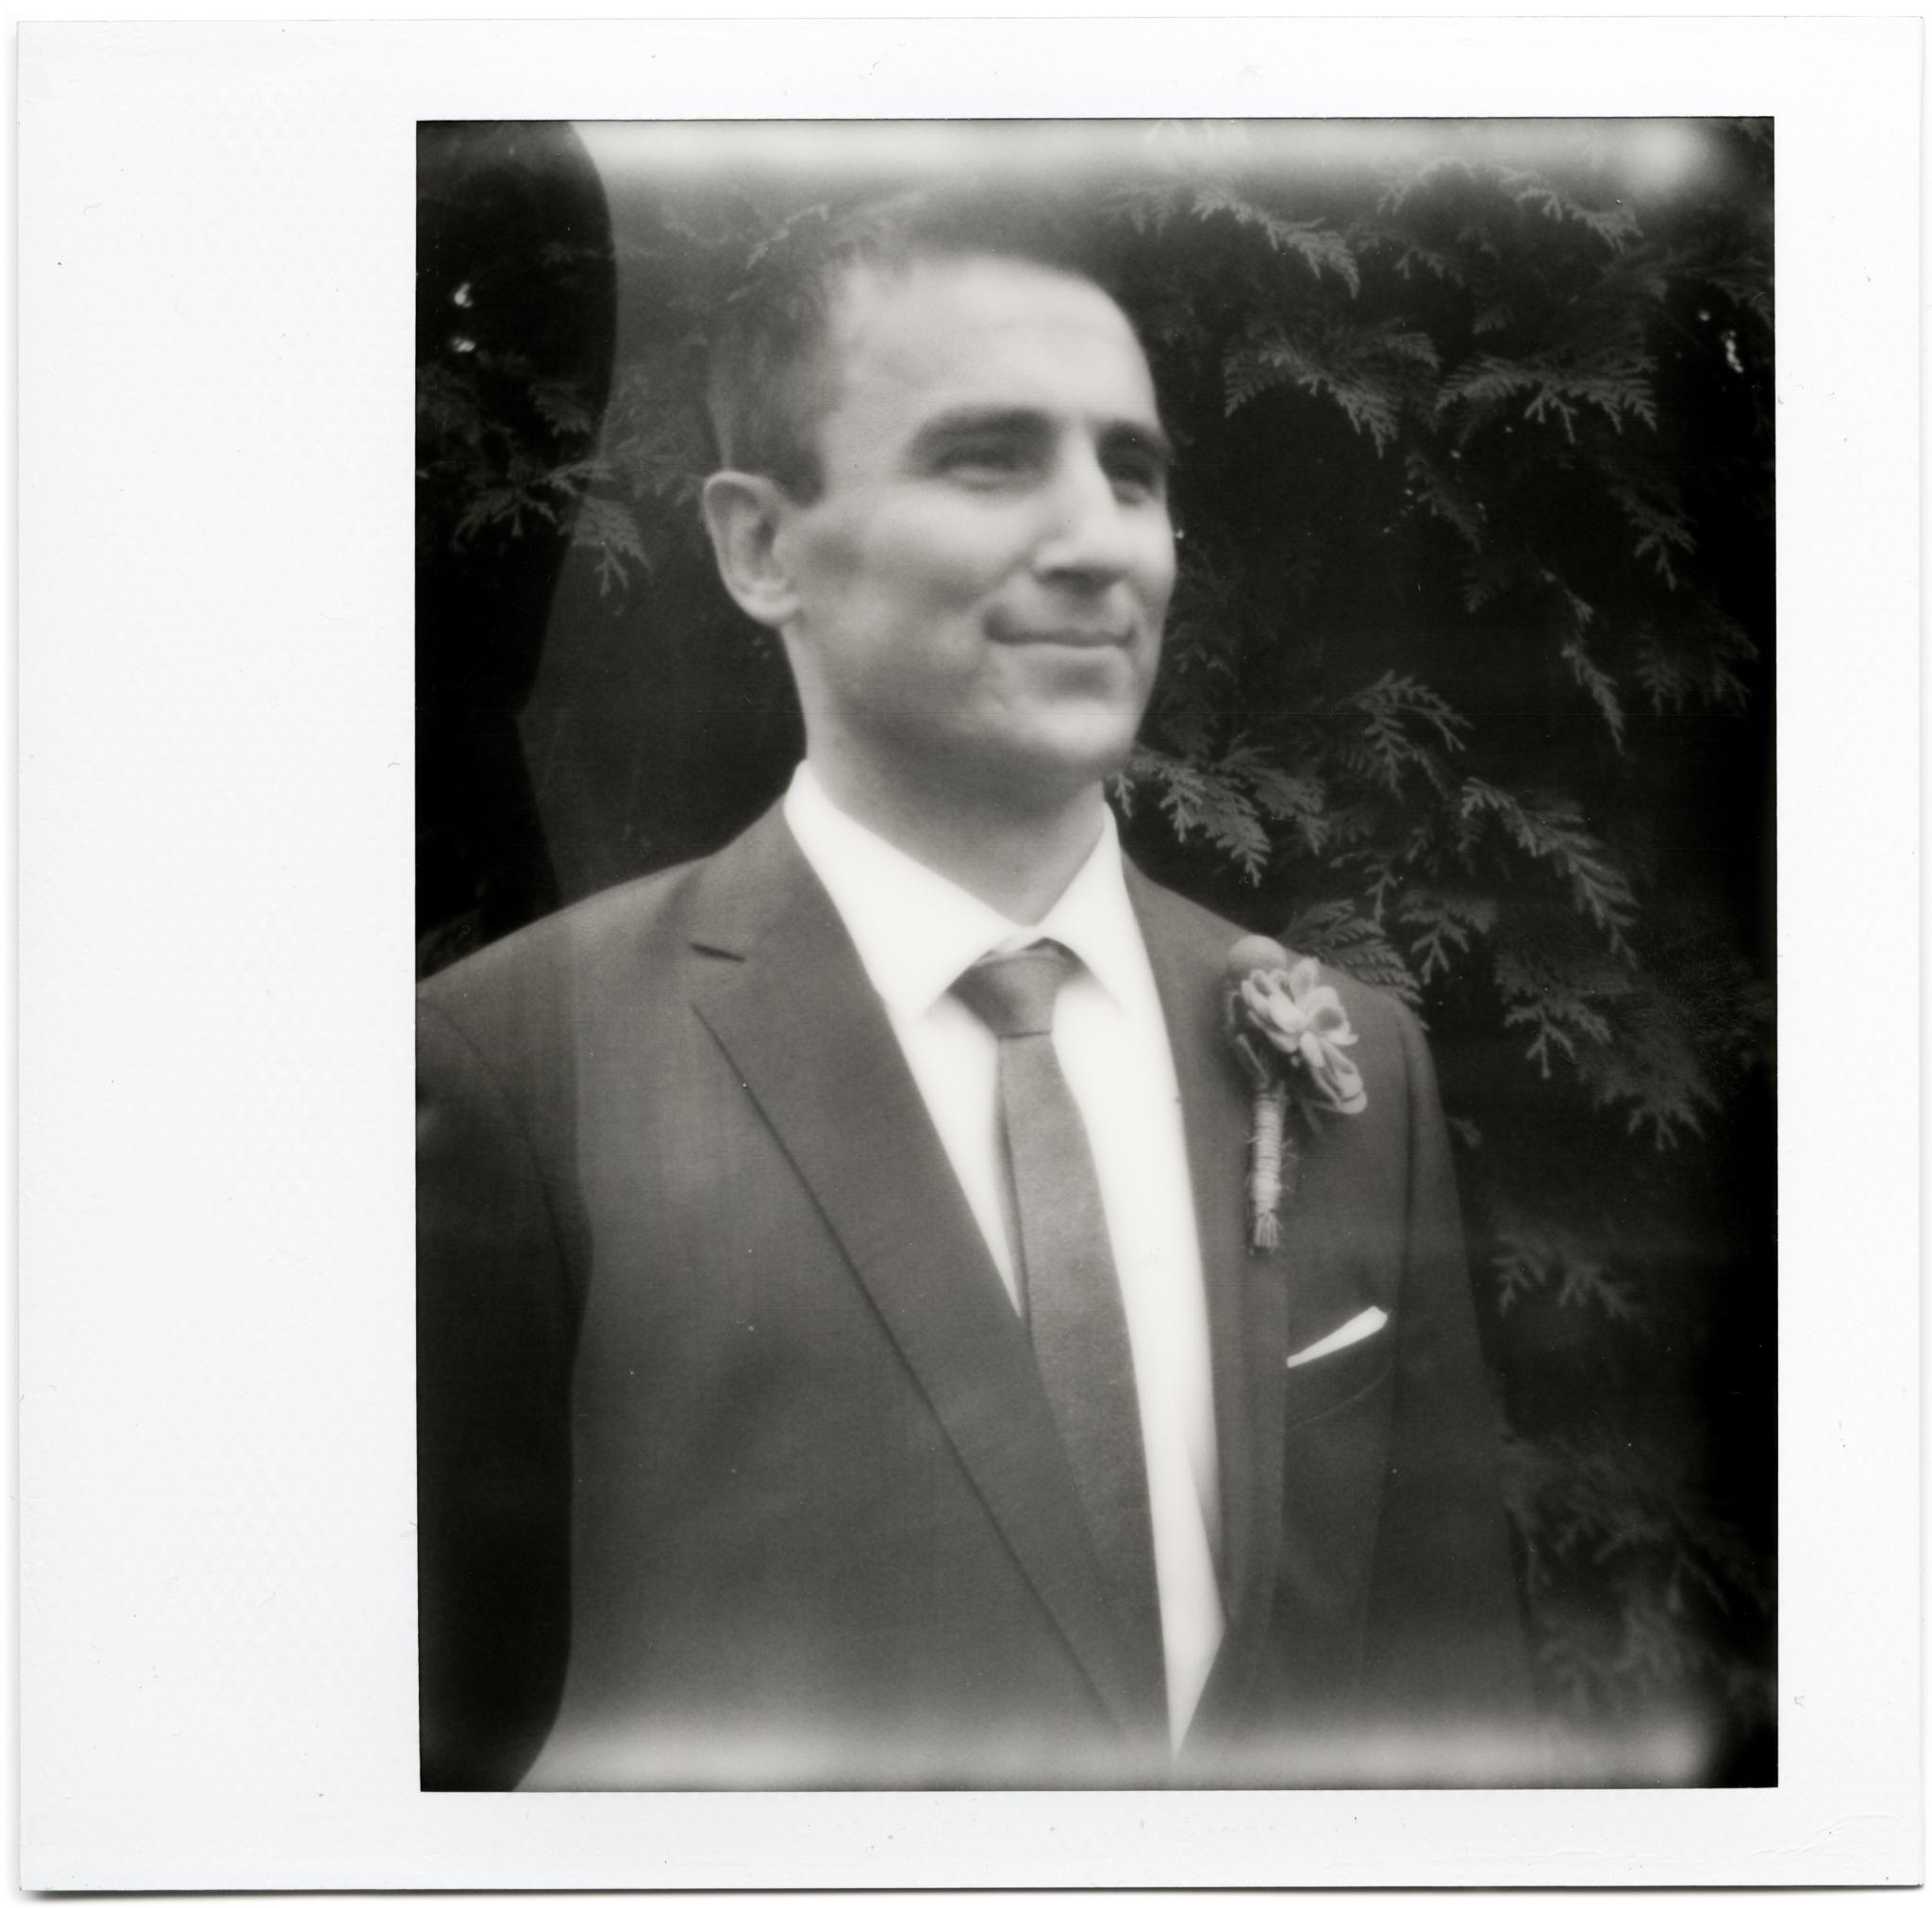 Lee Watland WED POLAROIDS - 04.jpg